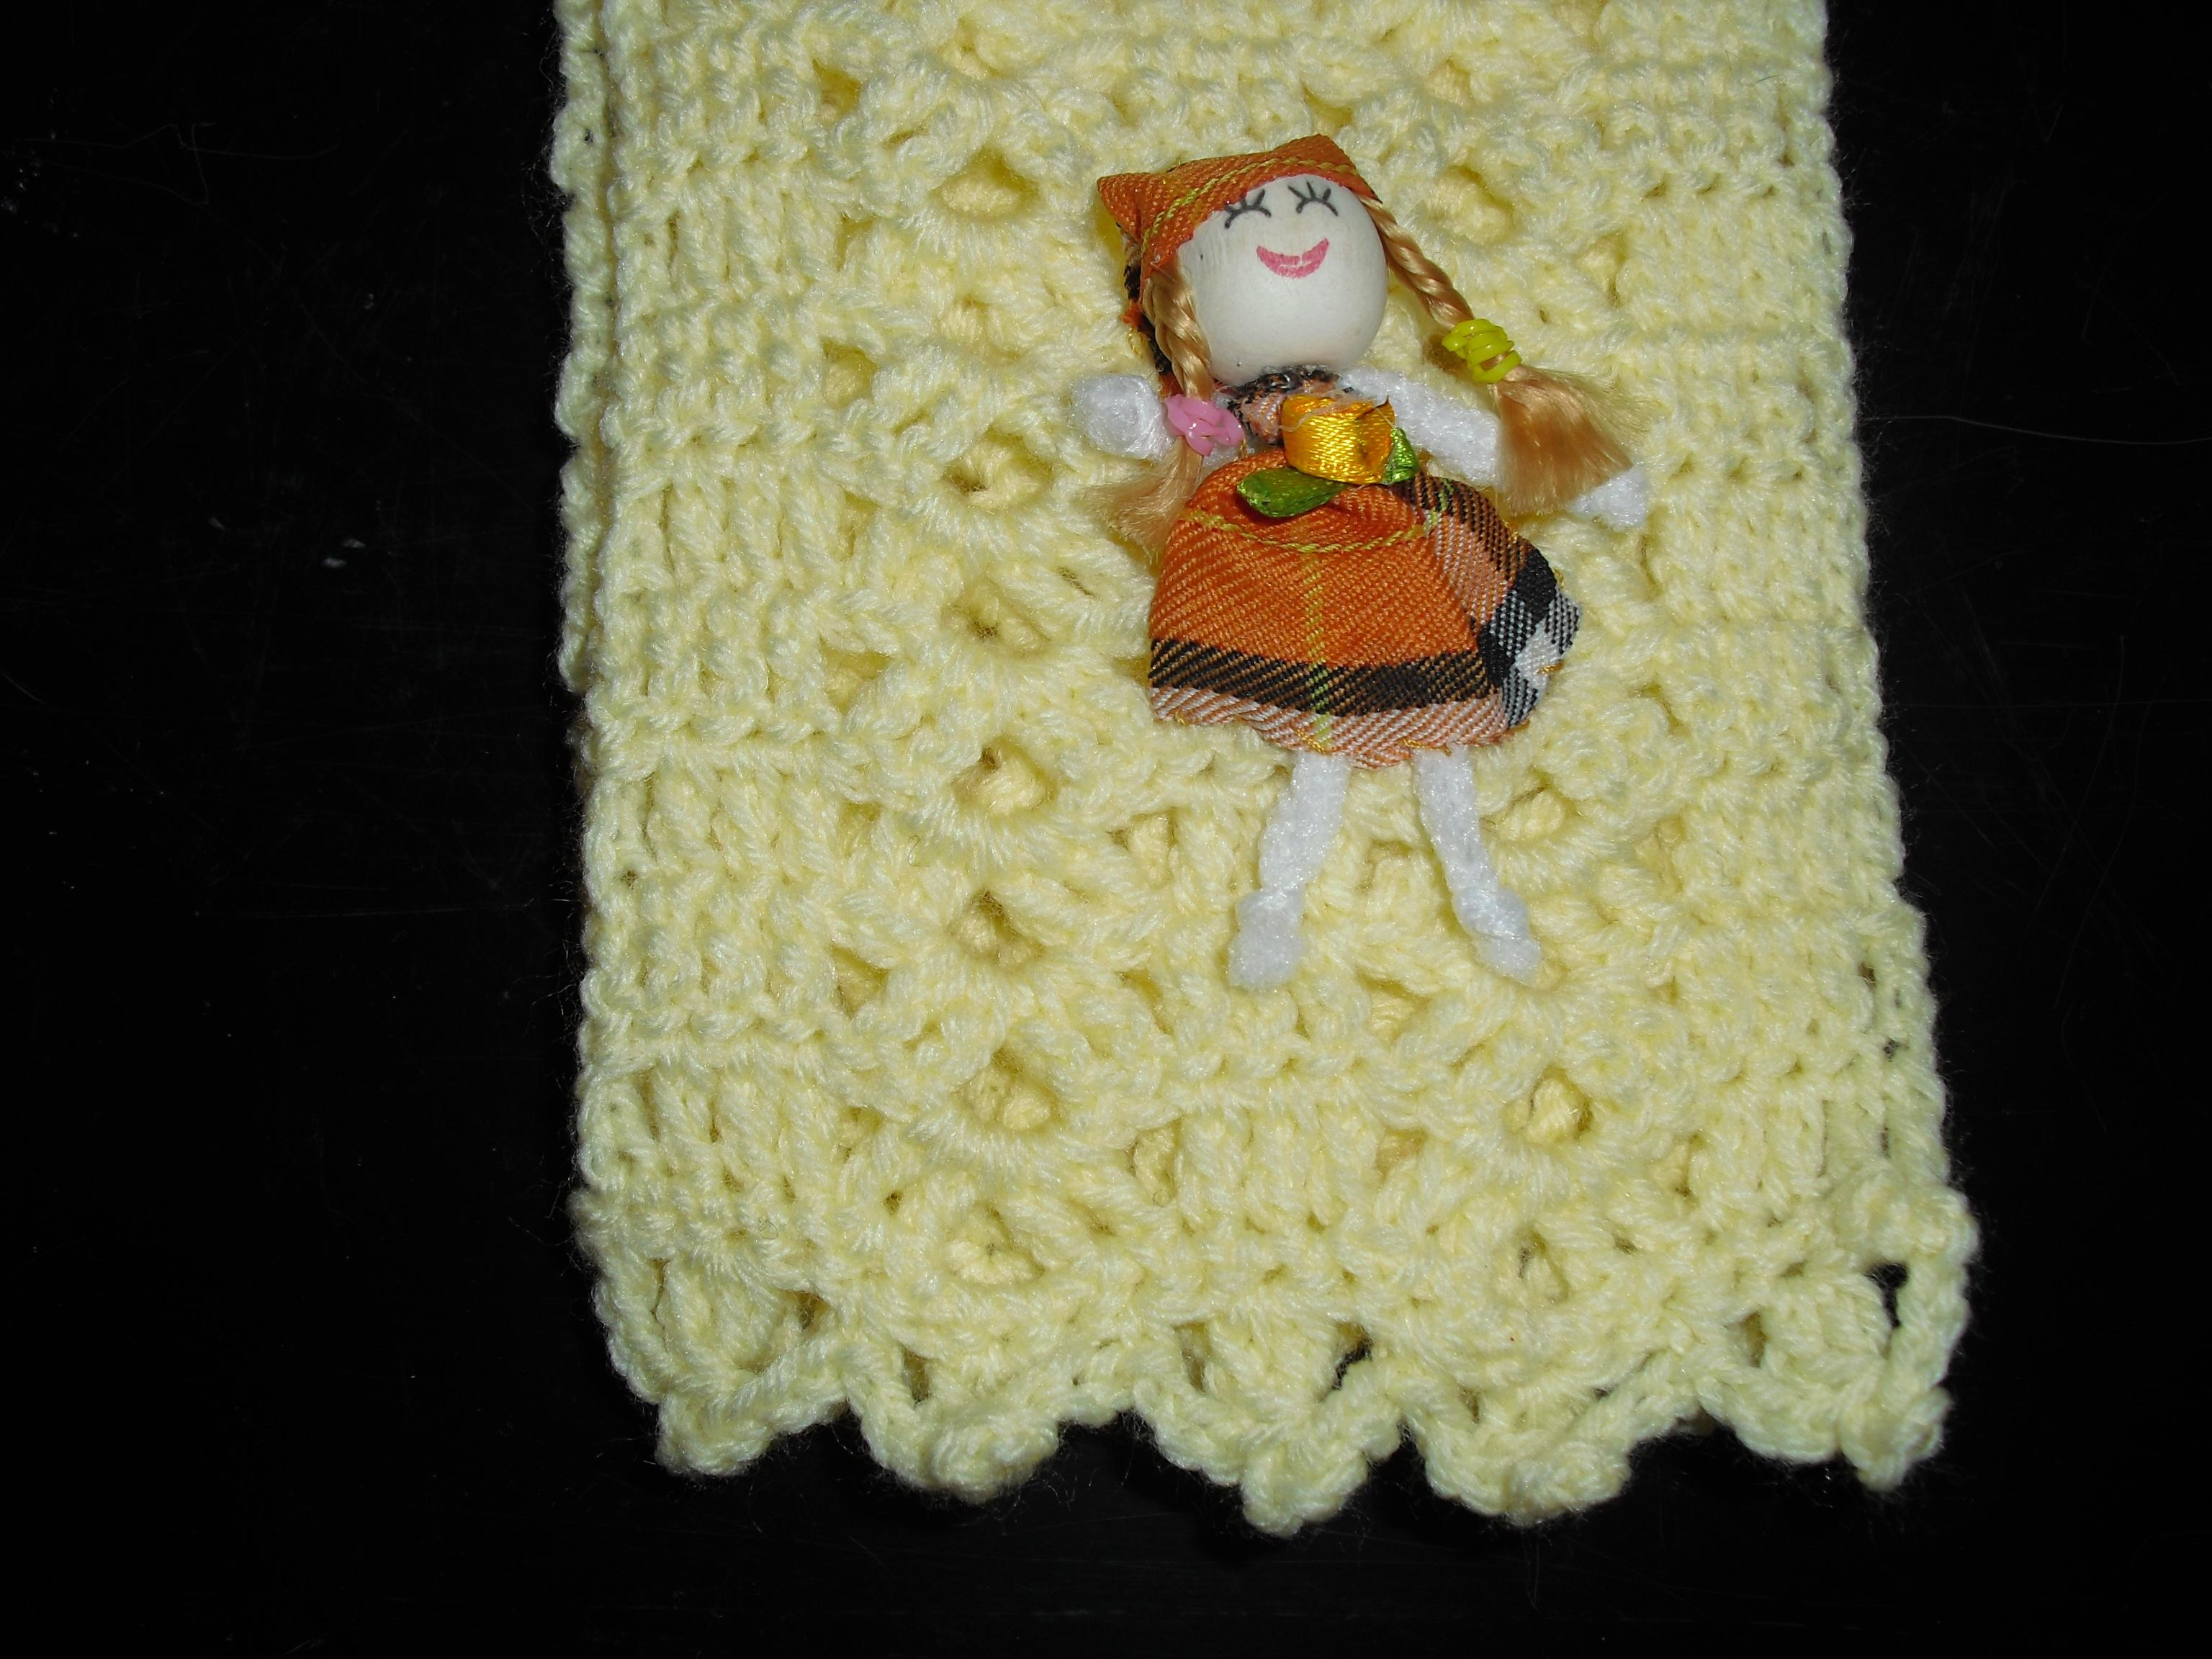 Pormenor da boneca do cachecol amarelo